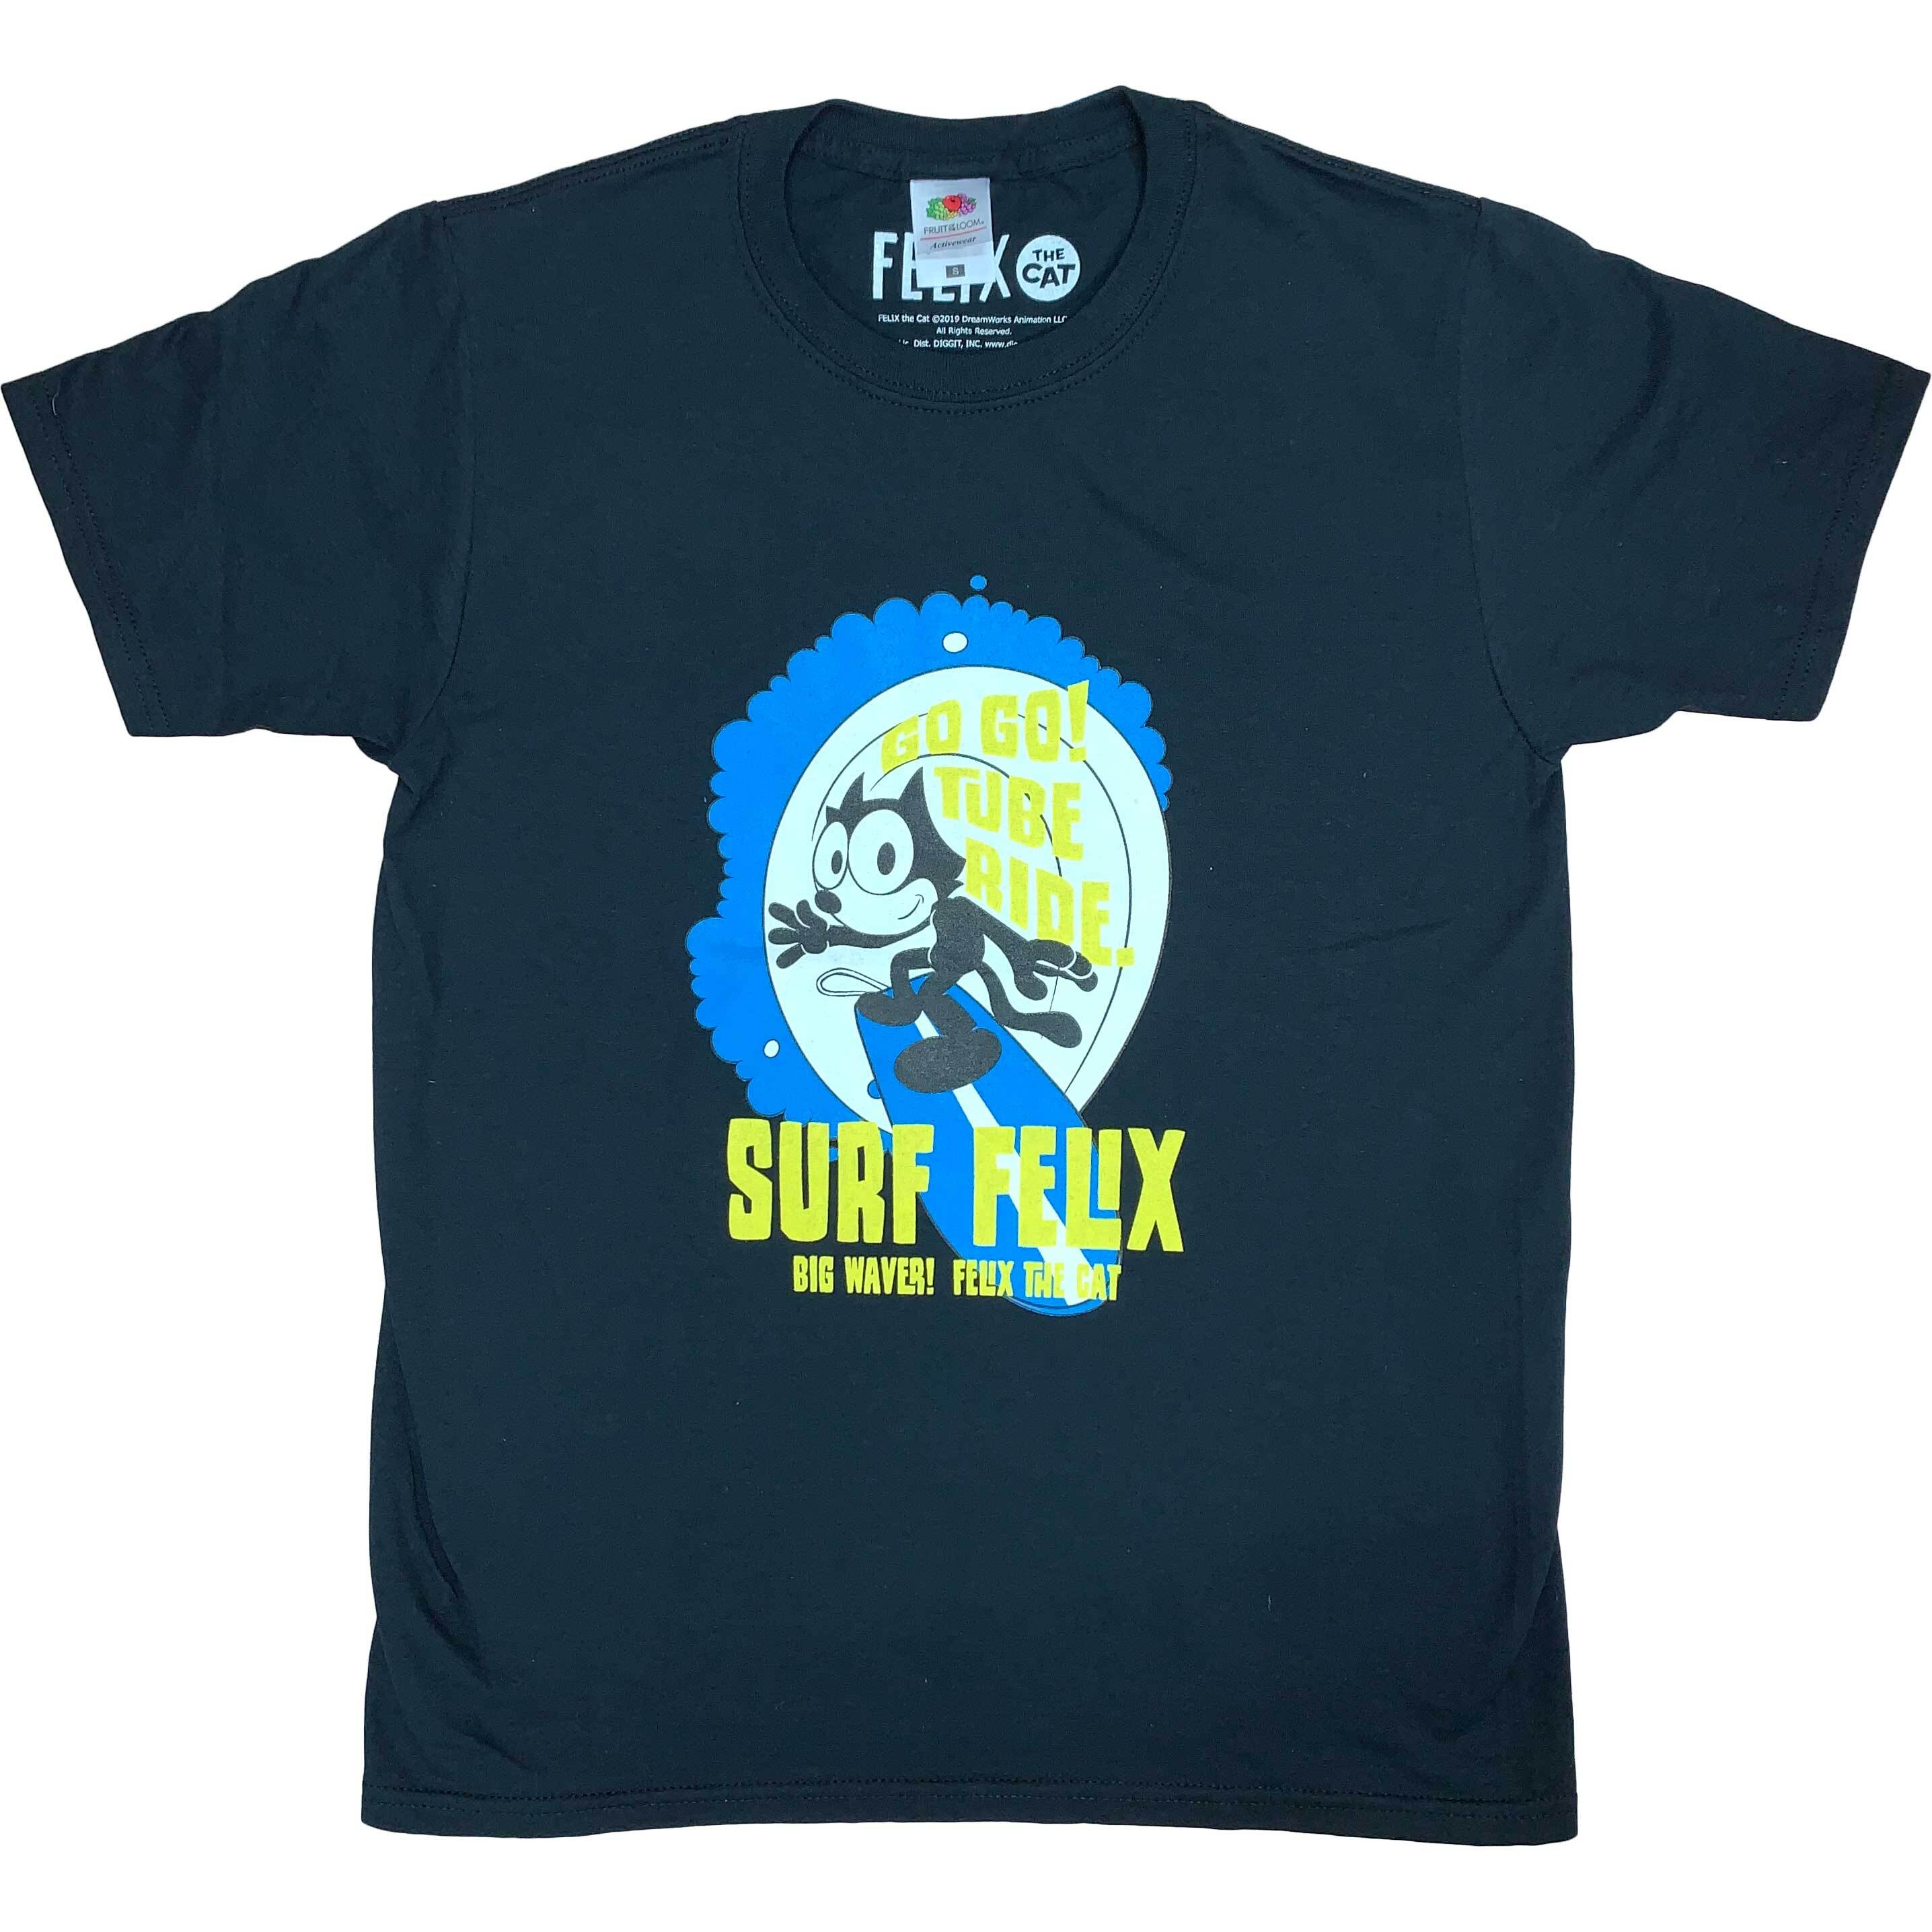 [FELIX]フィリックス・ザ・キャット・ハワイアン・Tシャツ(丸首)・フルーツオブザルームボディJ3930HD - Tube Ride (チューブライド)